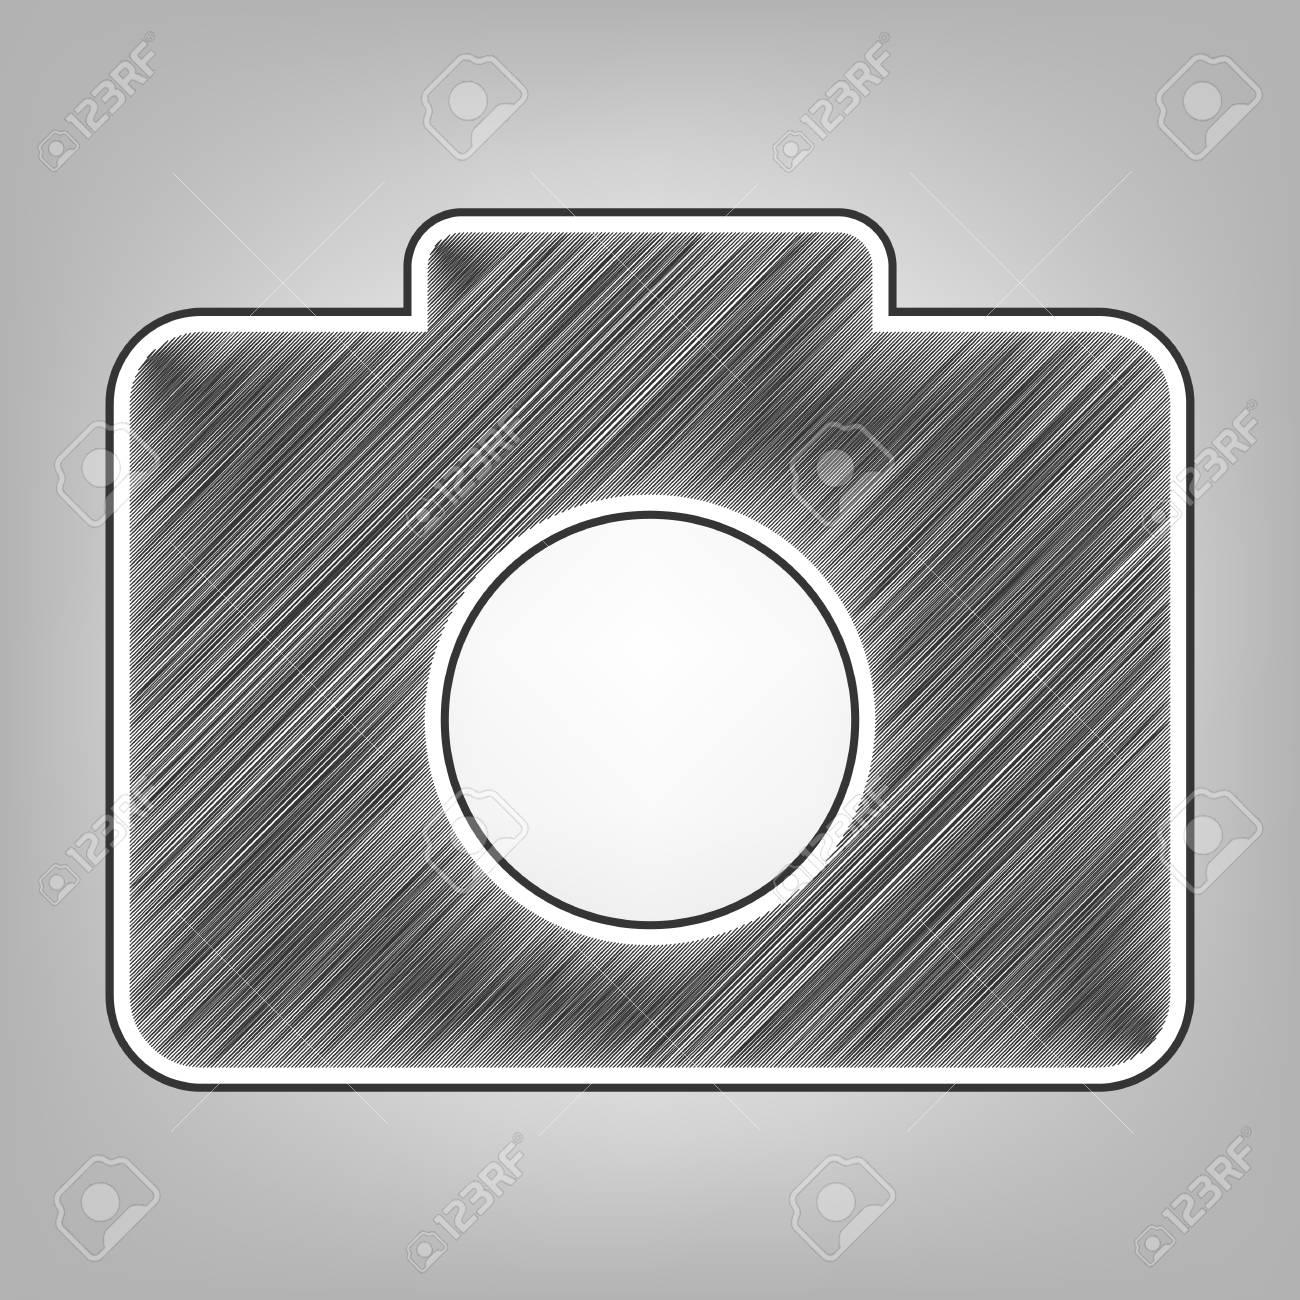 Digital camera sign vector pencil sketch imitation dark gray scribble icon with dark